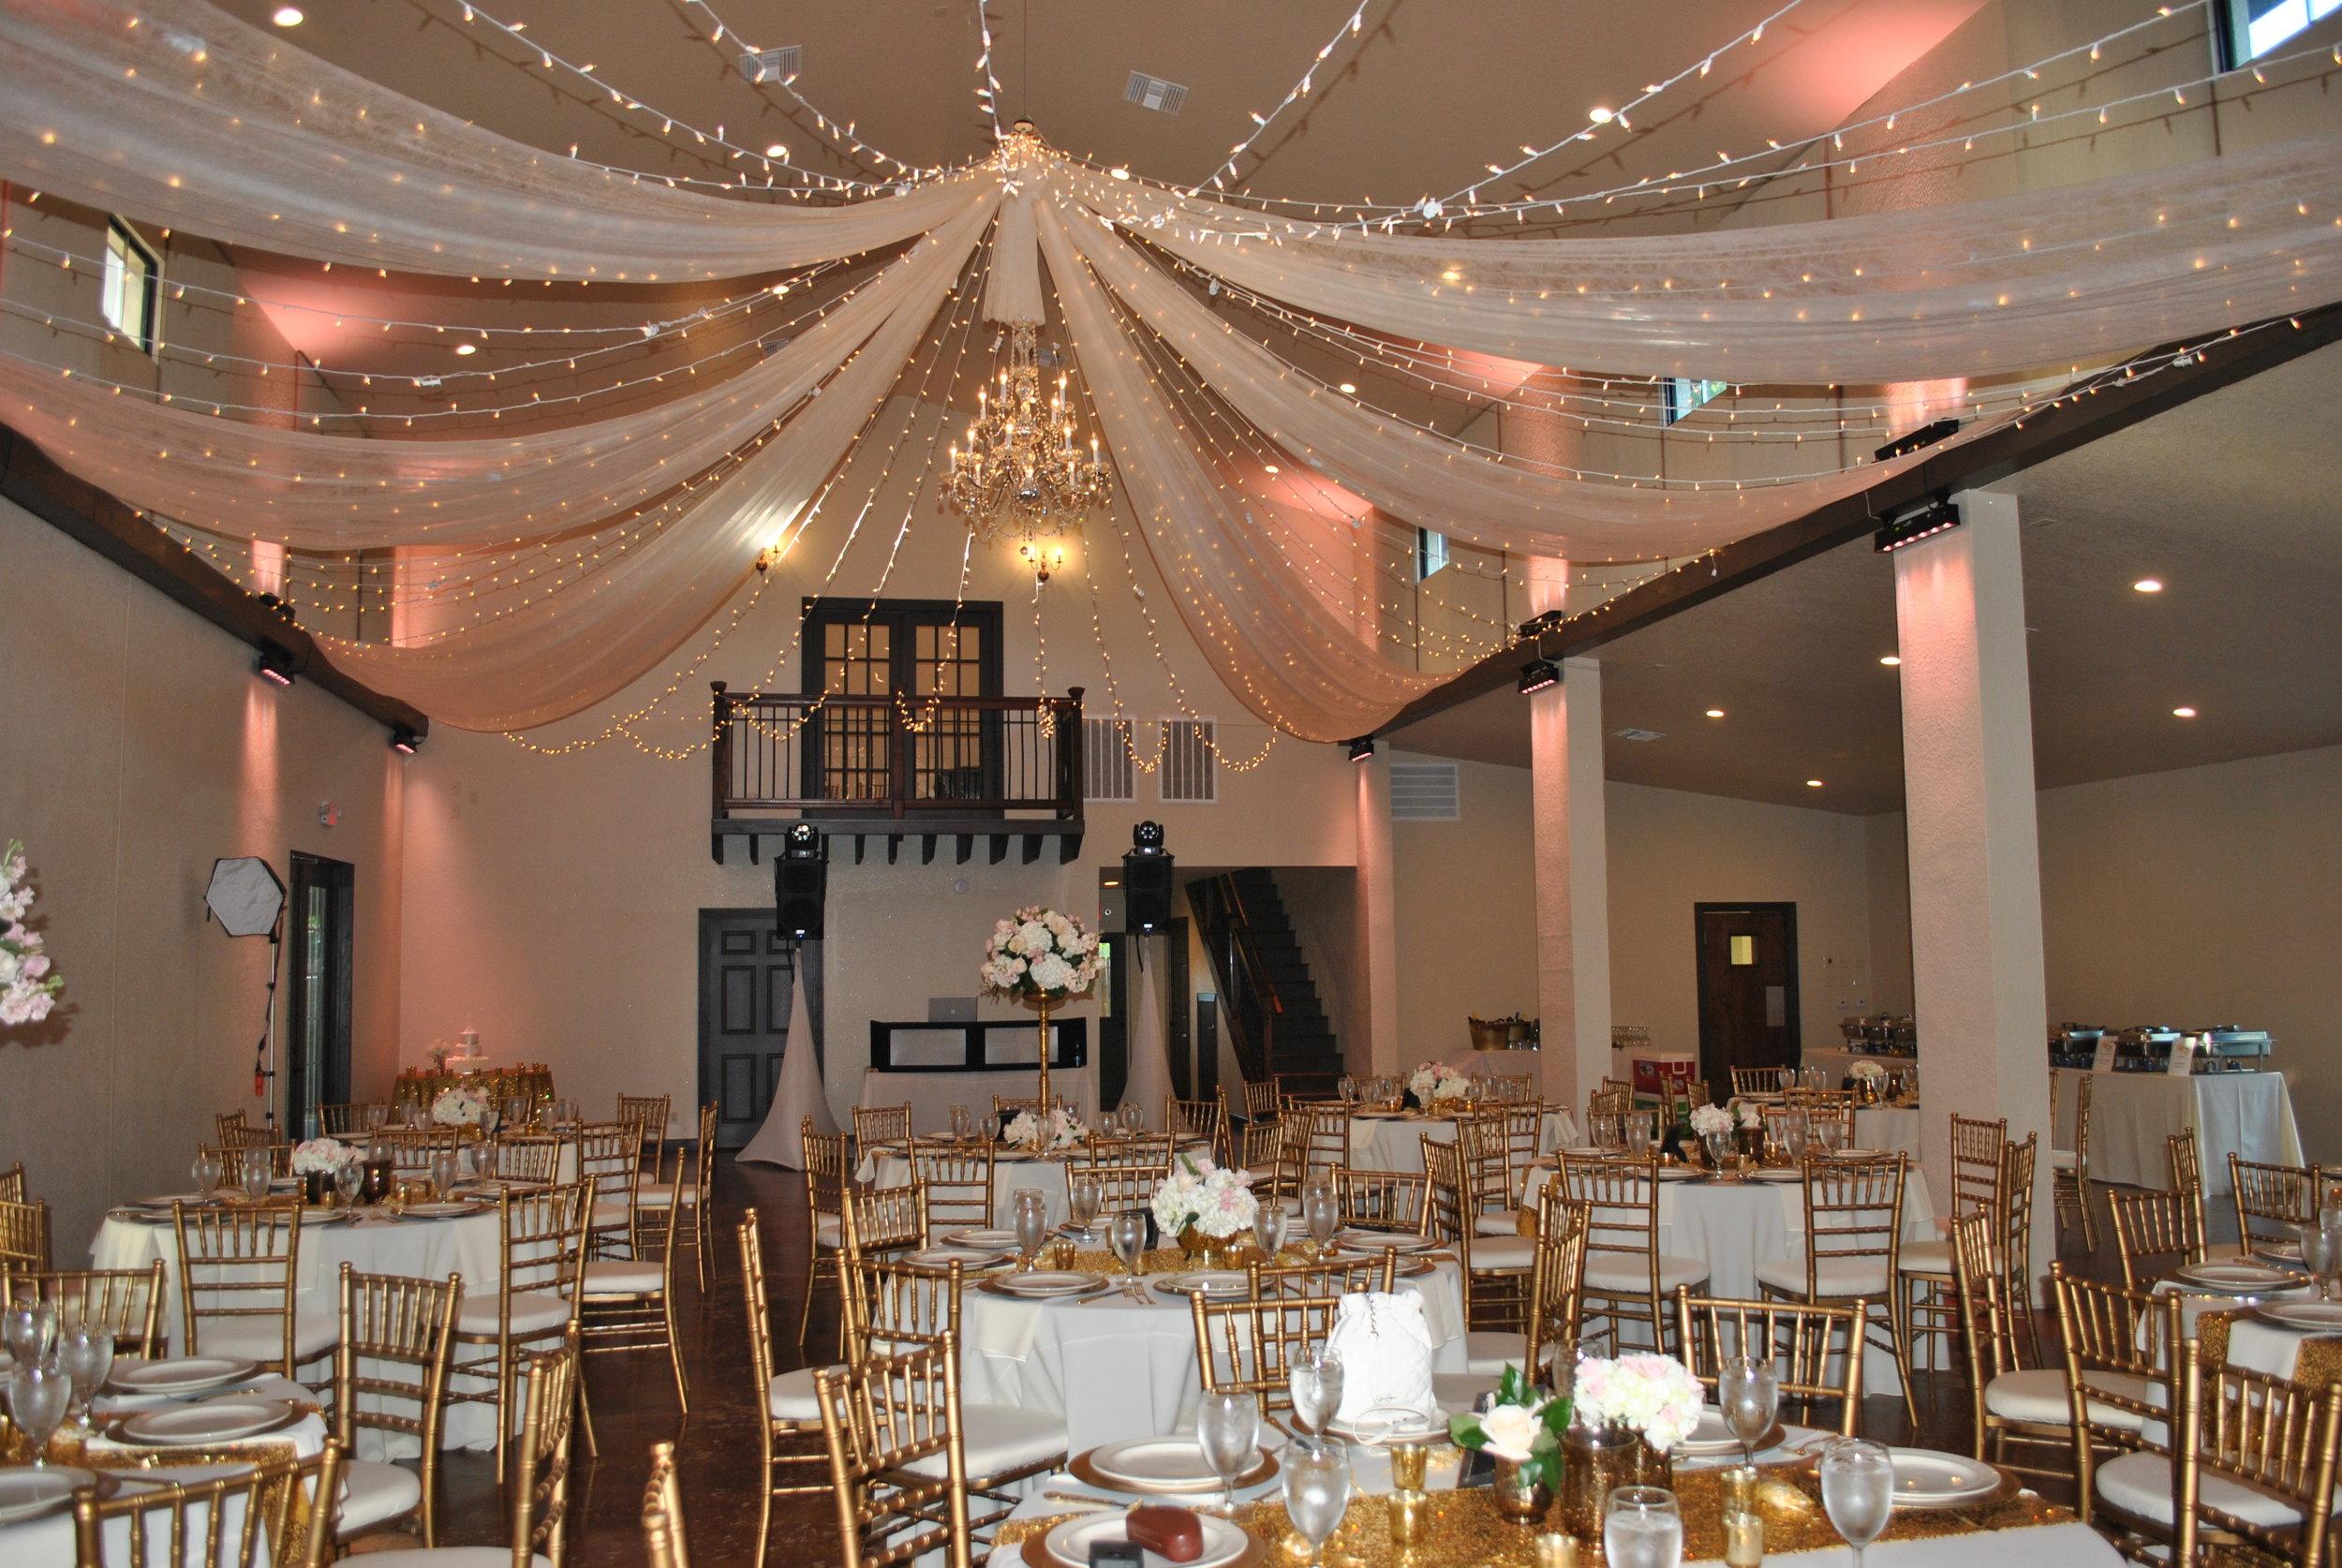 Bakers Ranch - Weddings- Rustic elegance (18).JPG